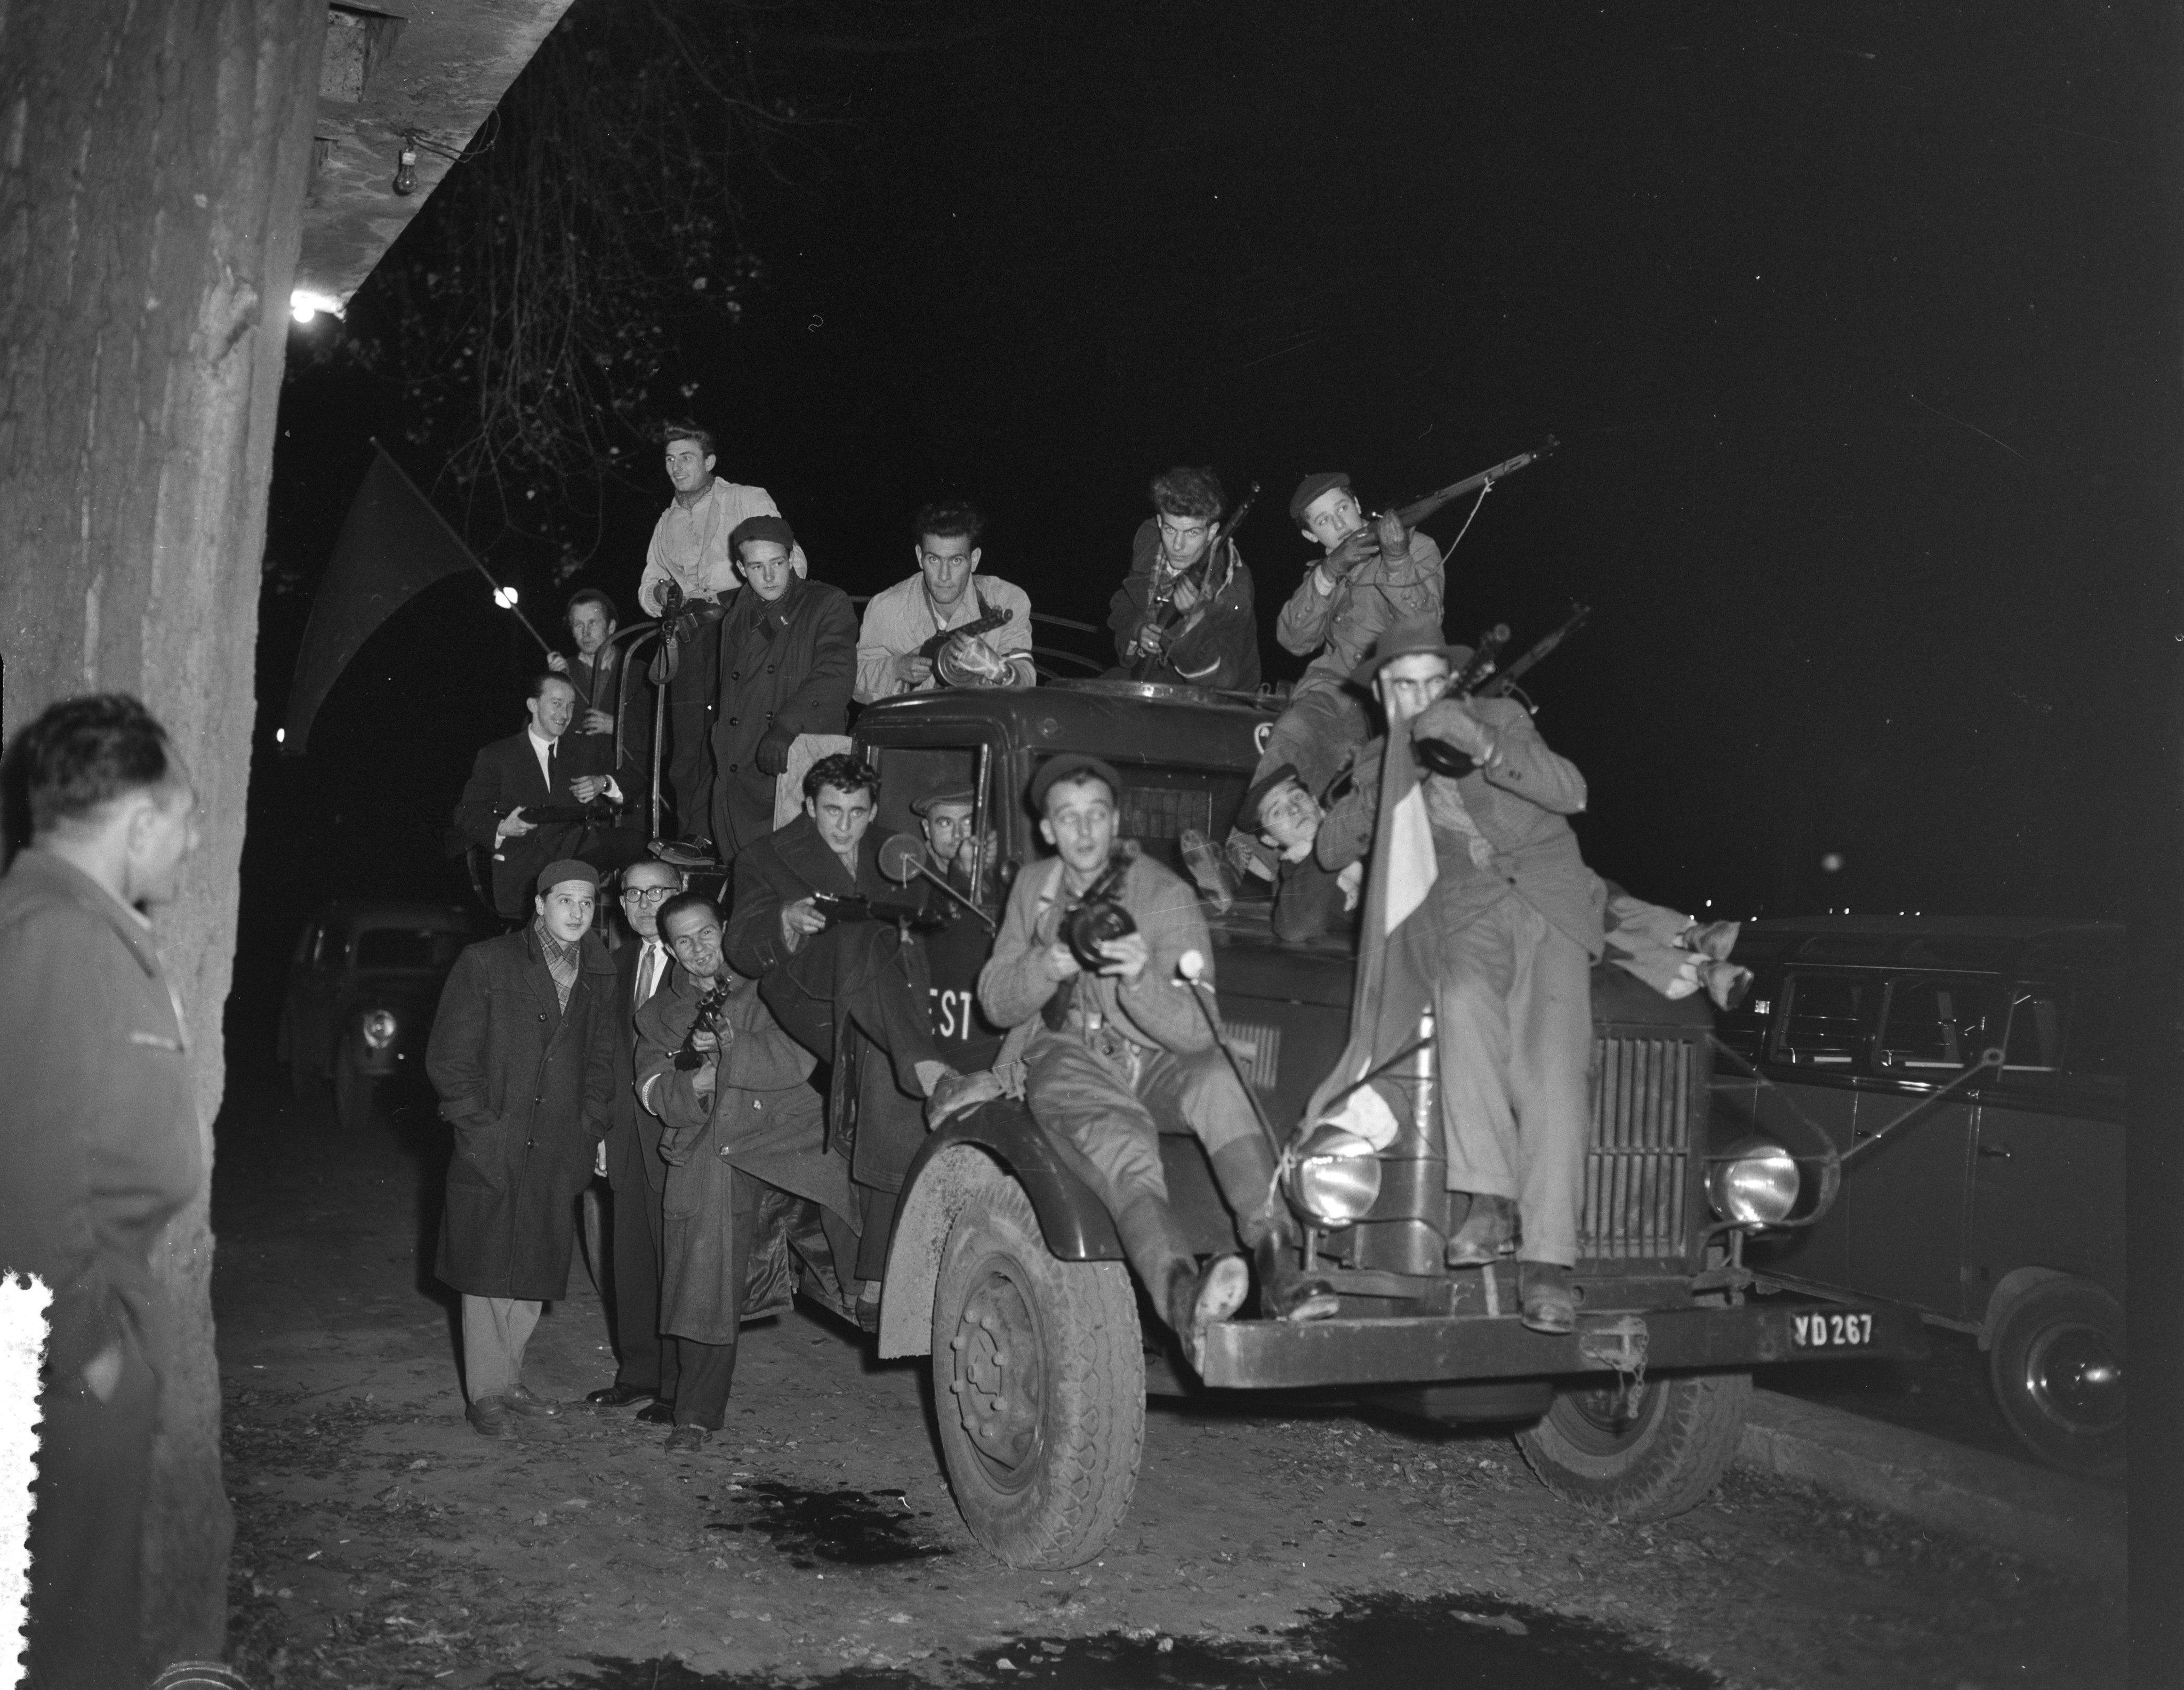 Utolsó képek Budapestről sorozat – Járőröző szabadságharcosok egy teherautó platóján,'56 november 2. Fotó: Joop van Bilsen/ Anefo